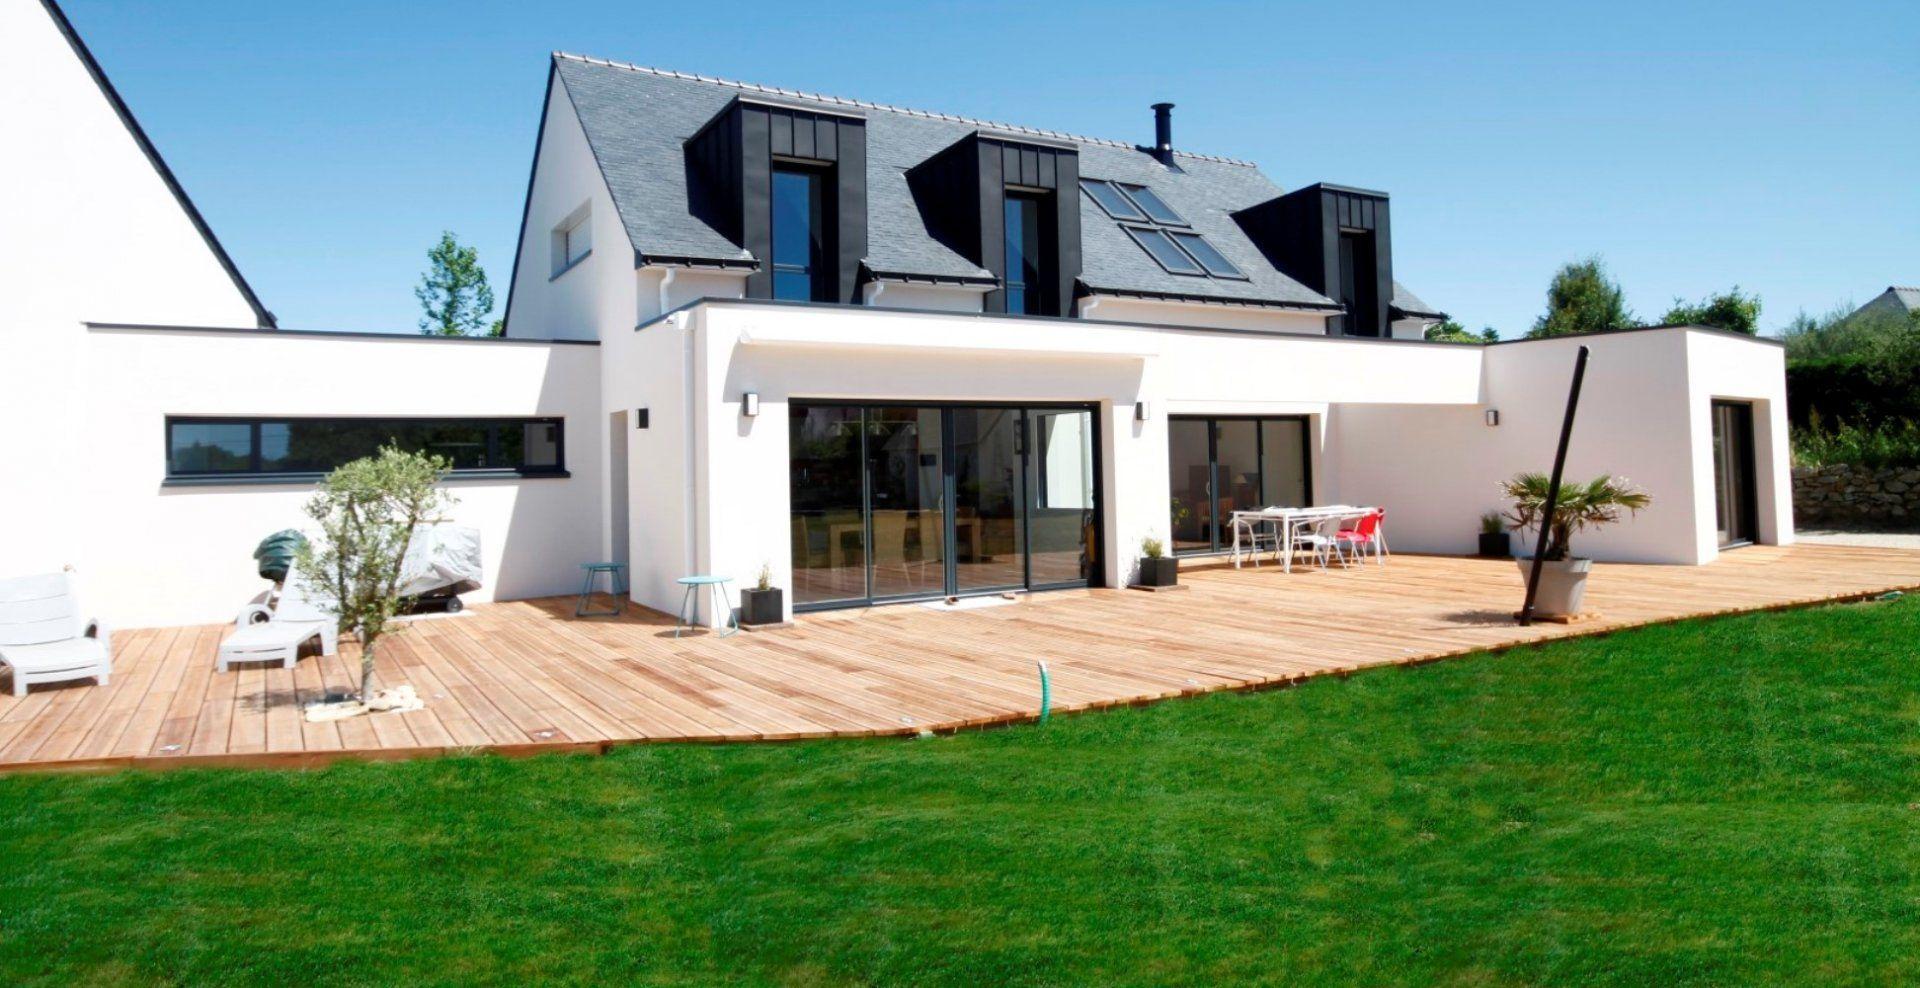 Constructeur Maison Neuve Ille Et Vilaine 1444750665561d2549f2aa6 (1920×988) (avec images) | prix